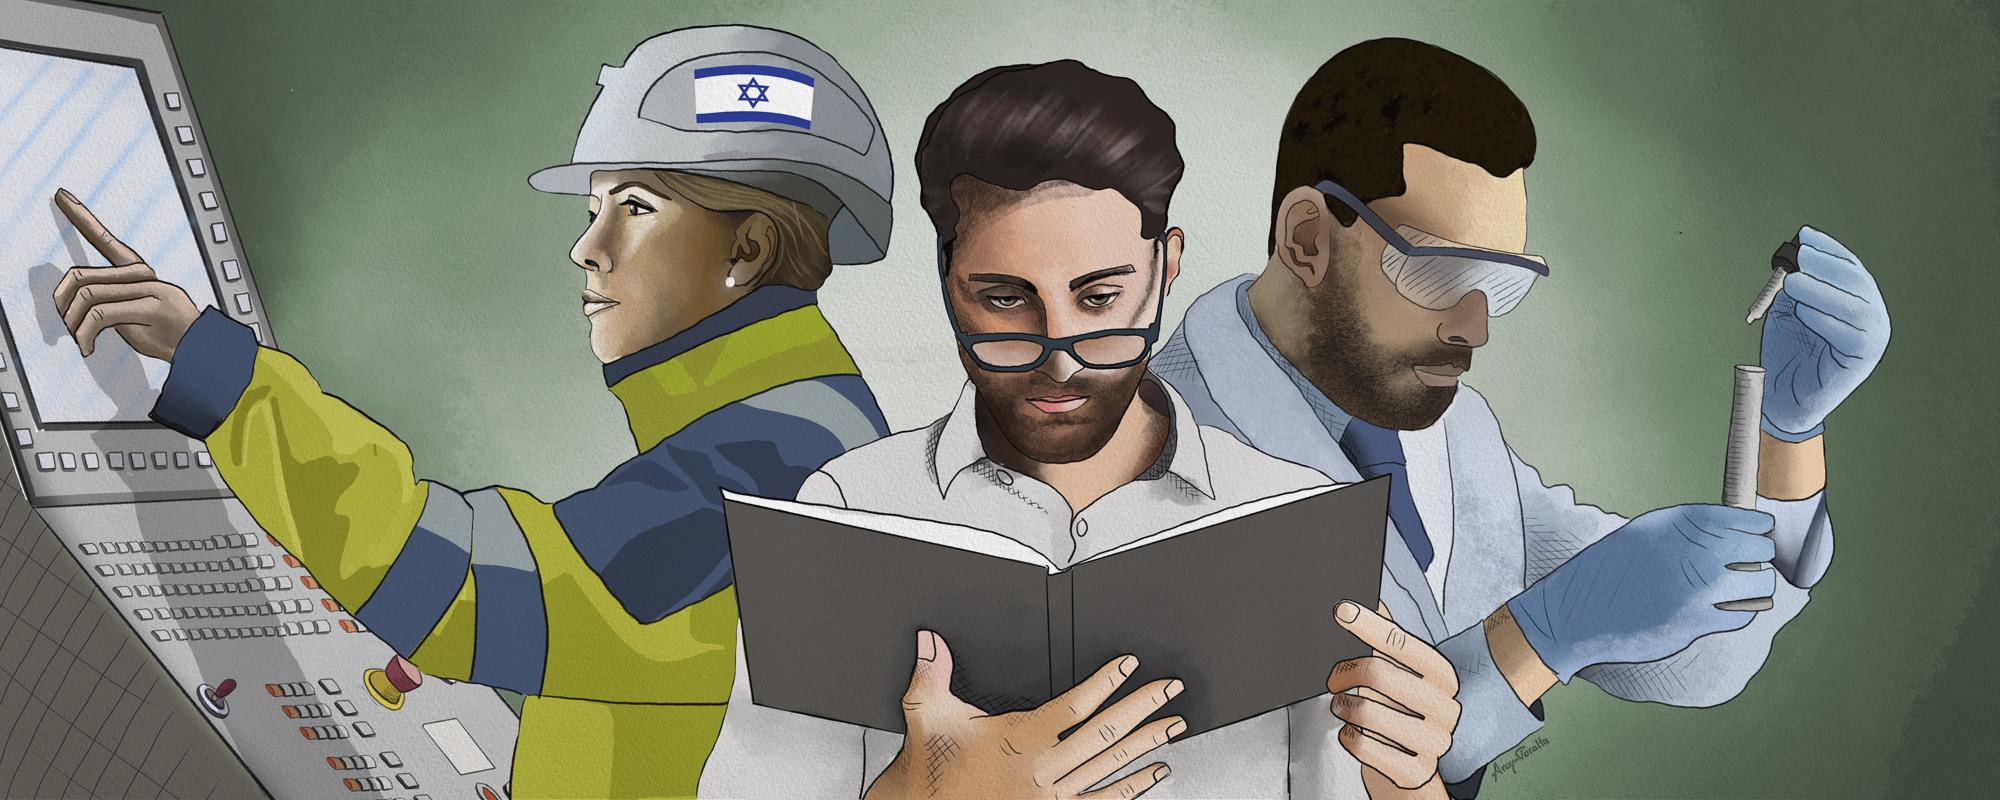 L'ecosistema d'startups d'intel·ligència artificial a Israel